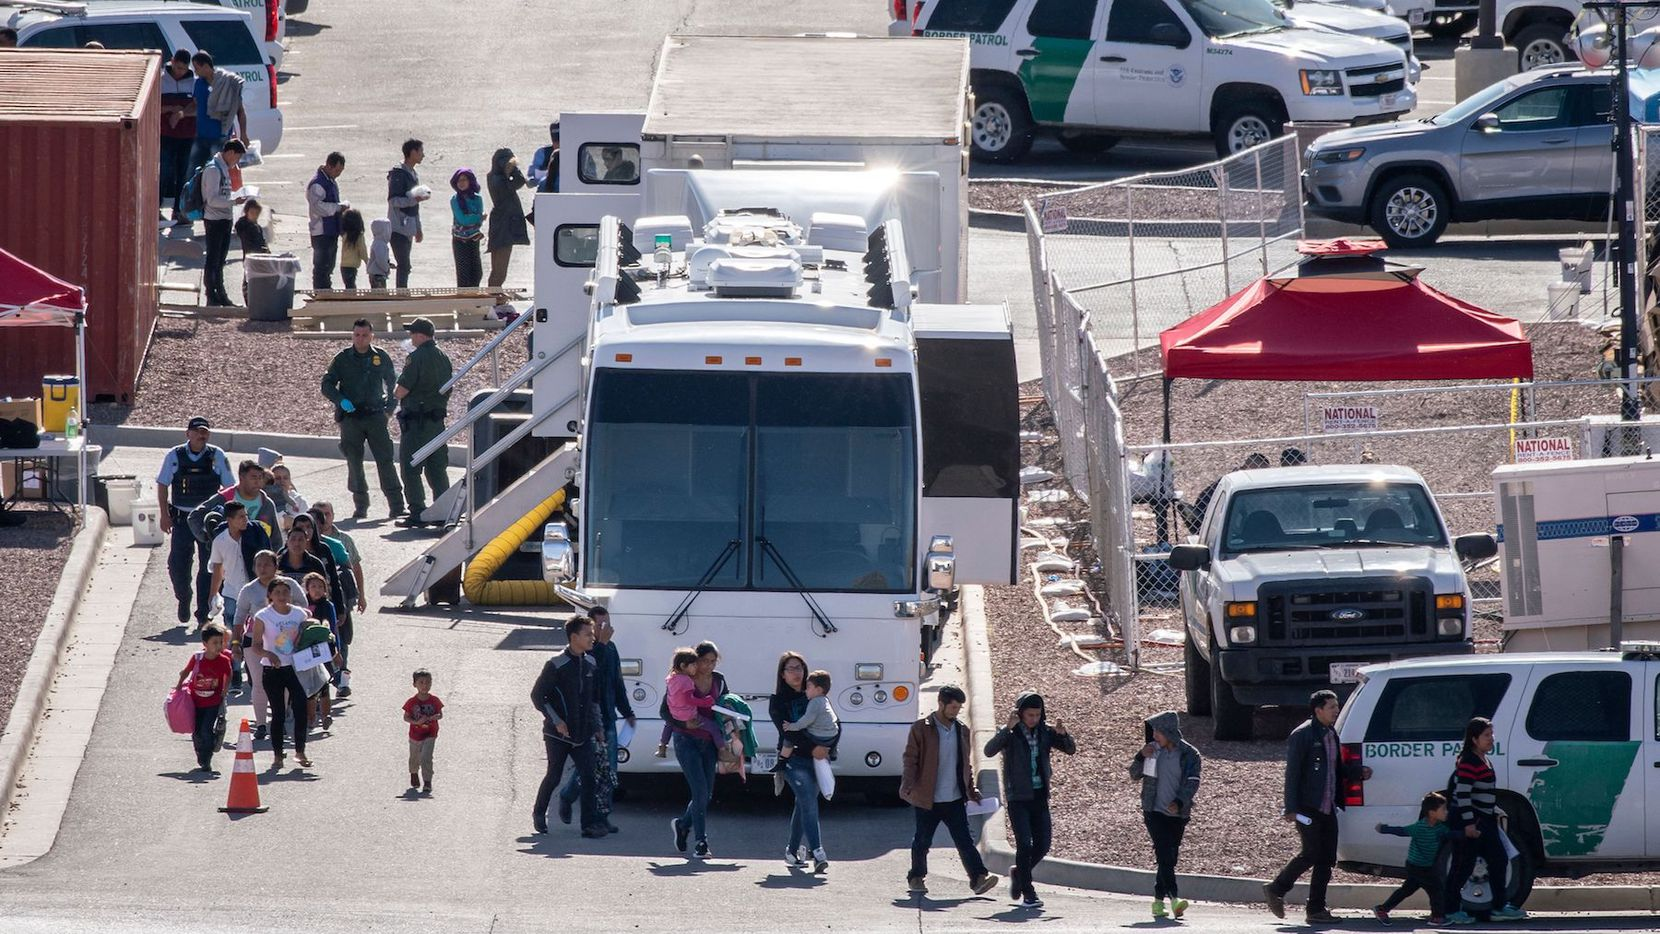 Inmigrantes son transportados a un centro de detención en El Paso. (PAUL RATJE/AFP/Getty Images)